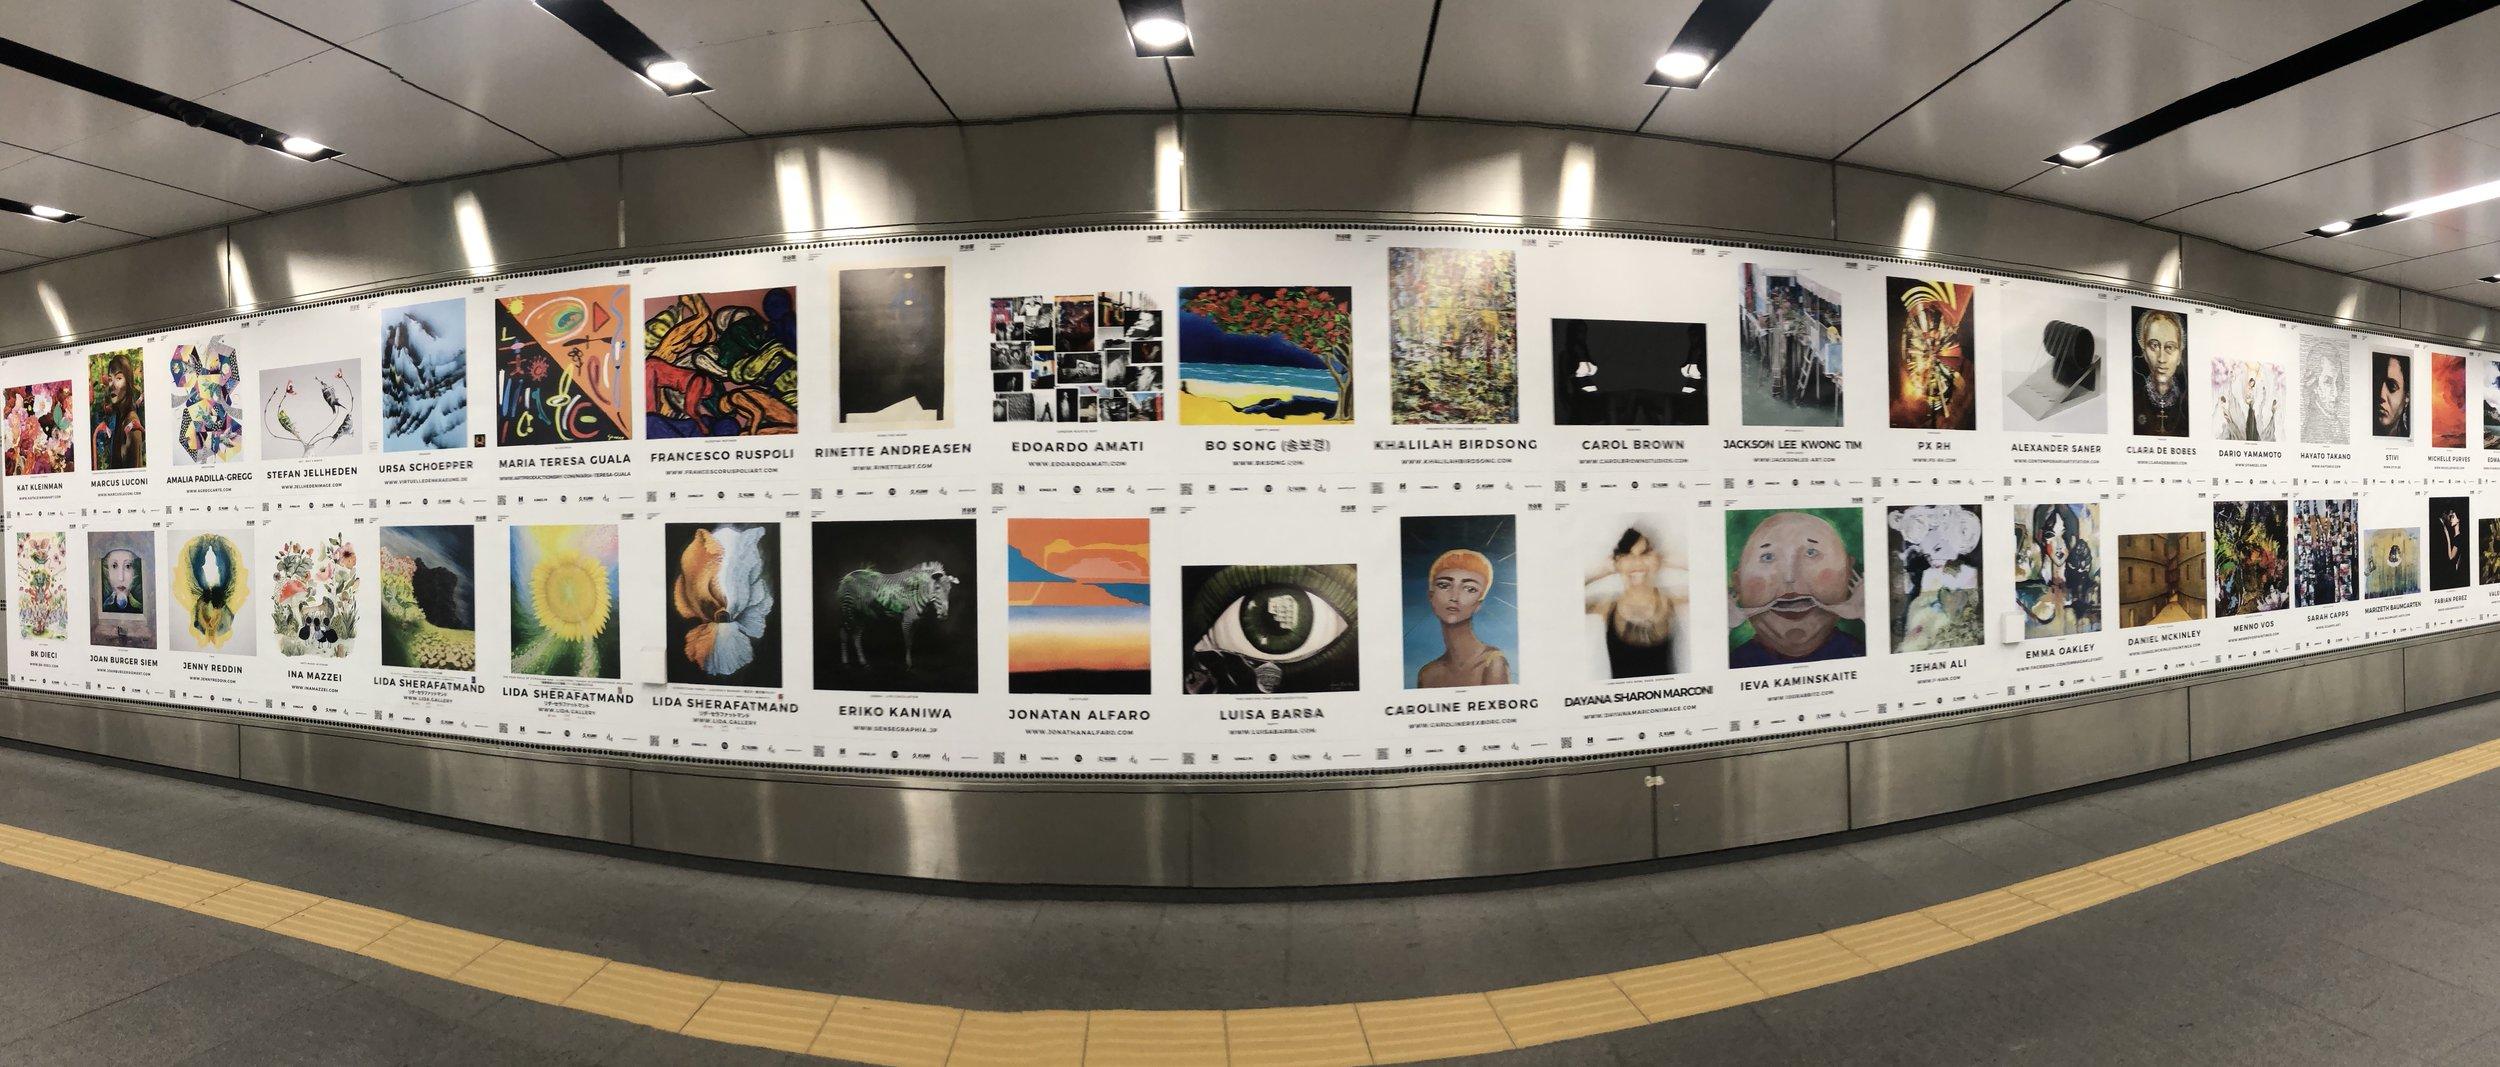 Shibuya Station Exhibition, Tokyo. 5 - 11 March 2019.